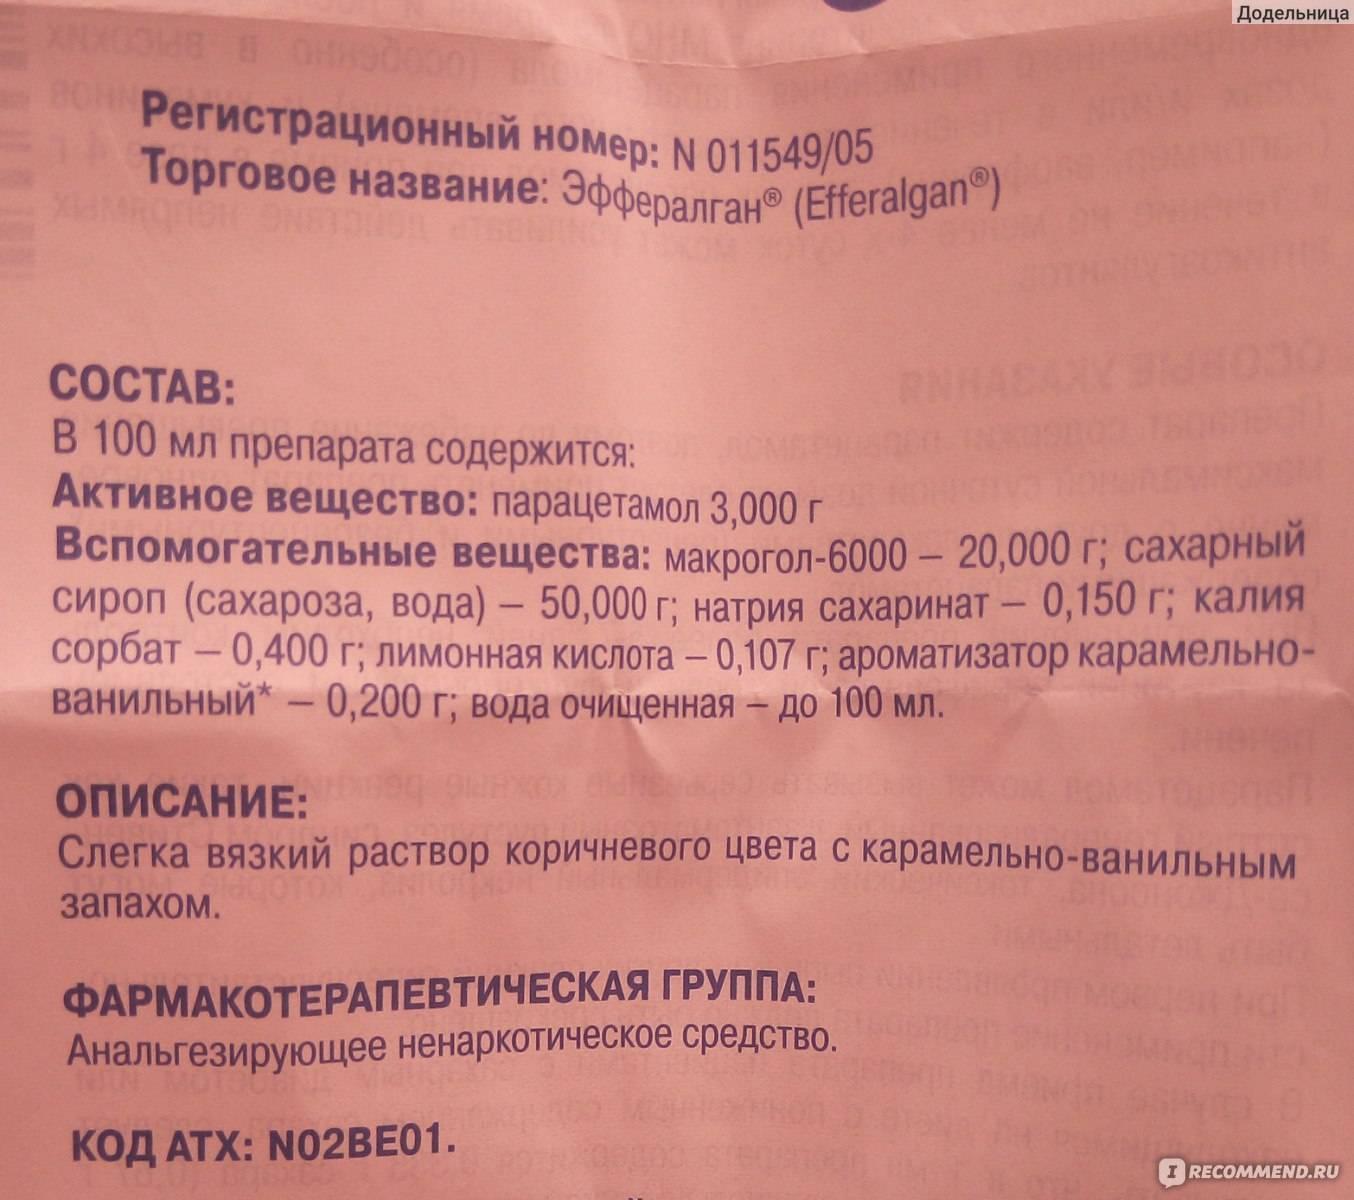 Эффералган - сироп для детей: инструкция по применению, дозировка   konstruktor-diety.ru